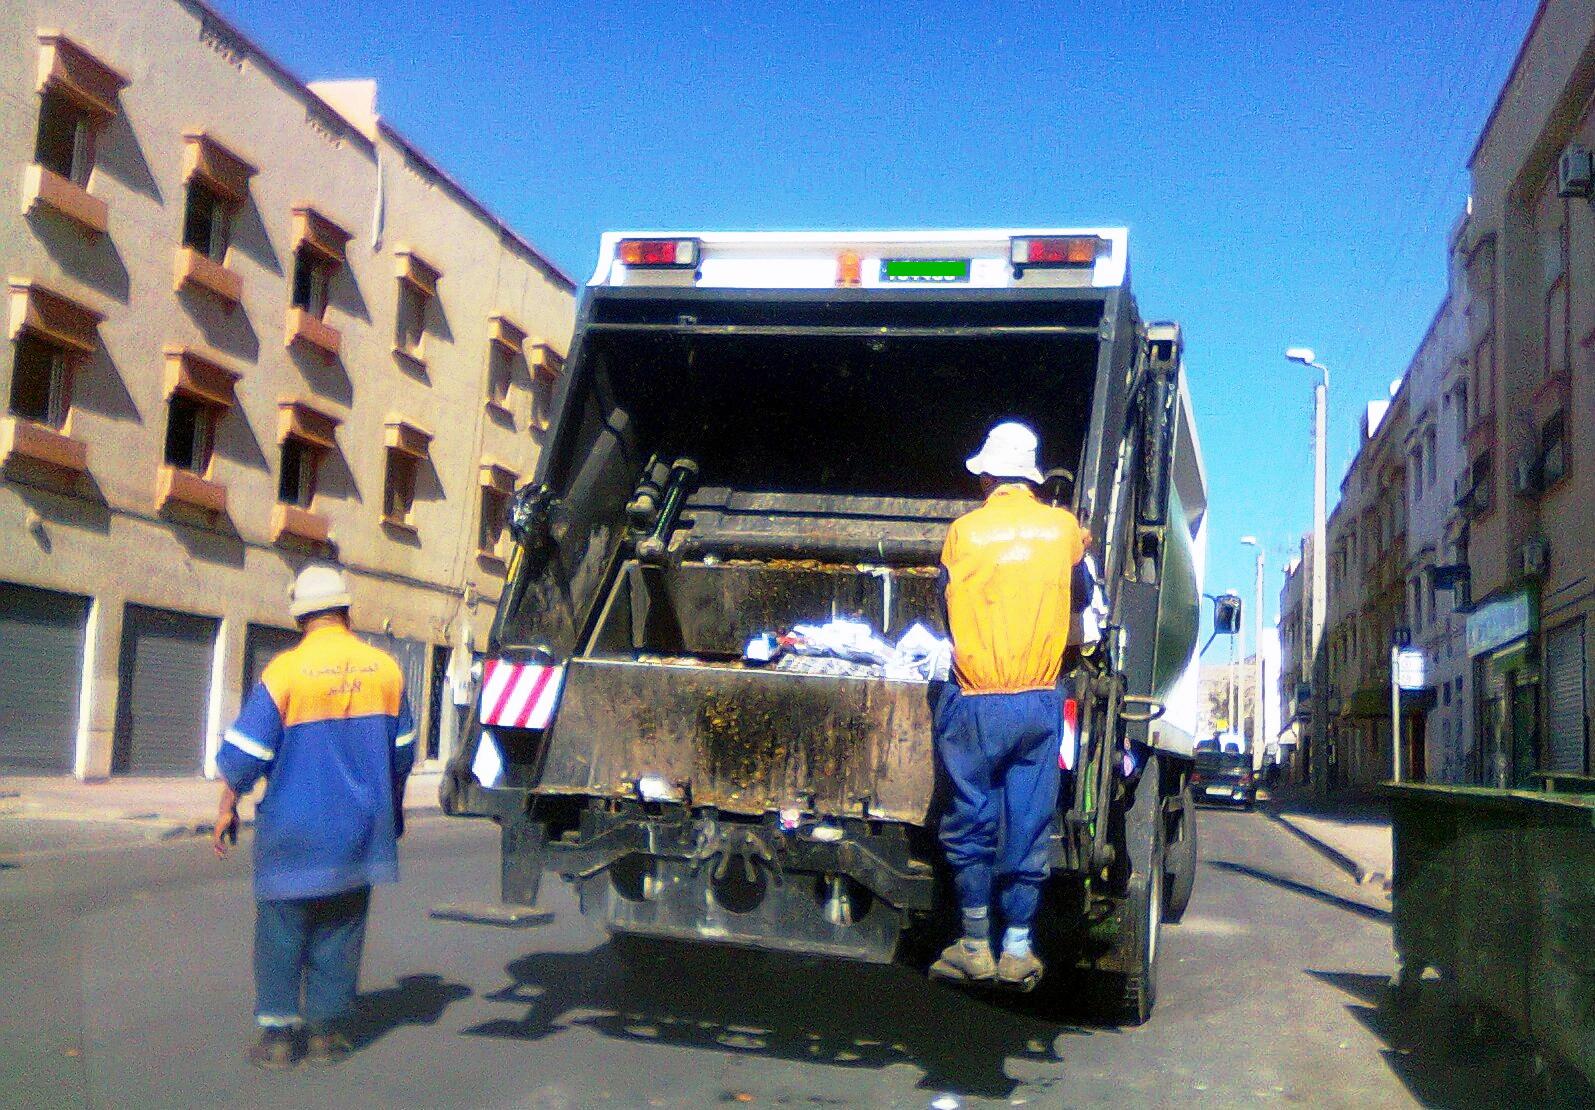 أضحية العيد ترفع حجم النفايات بأكادير إلى 1300 طن في ثلاثة أيام